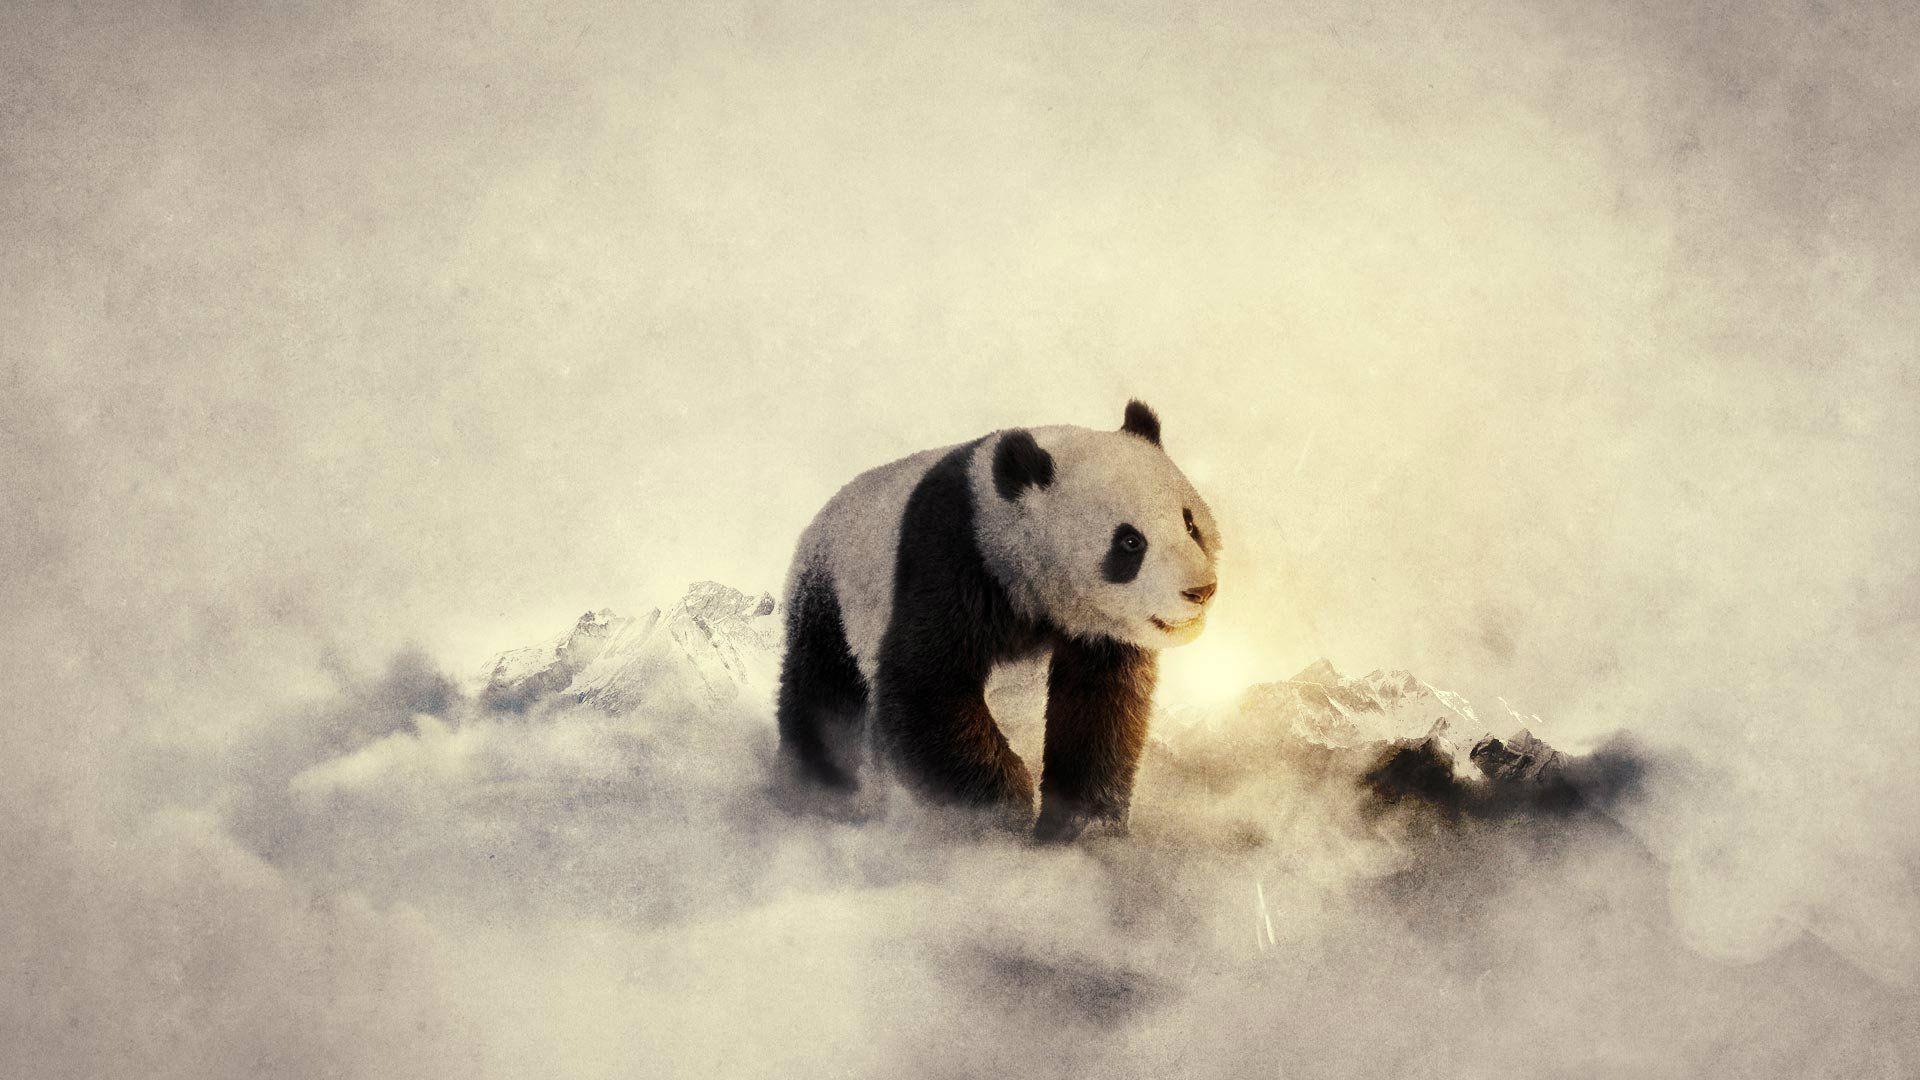 Beautiful Panda 3D Wallpaper Panda bears wallpaper